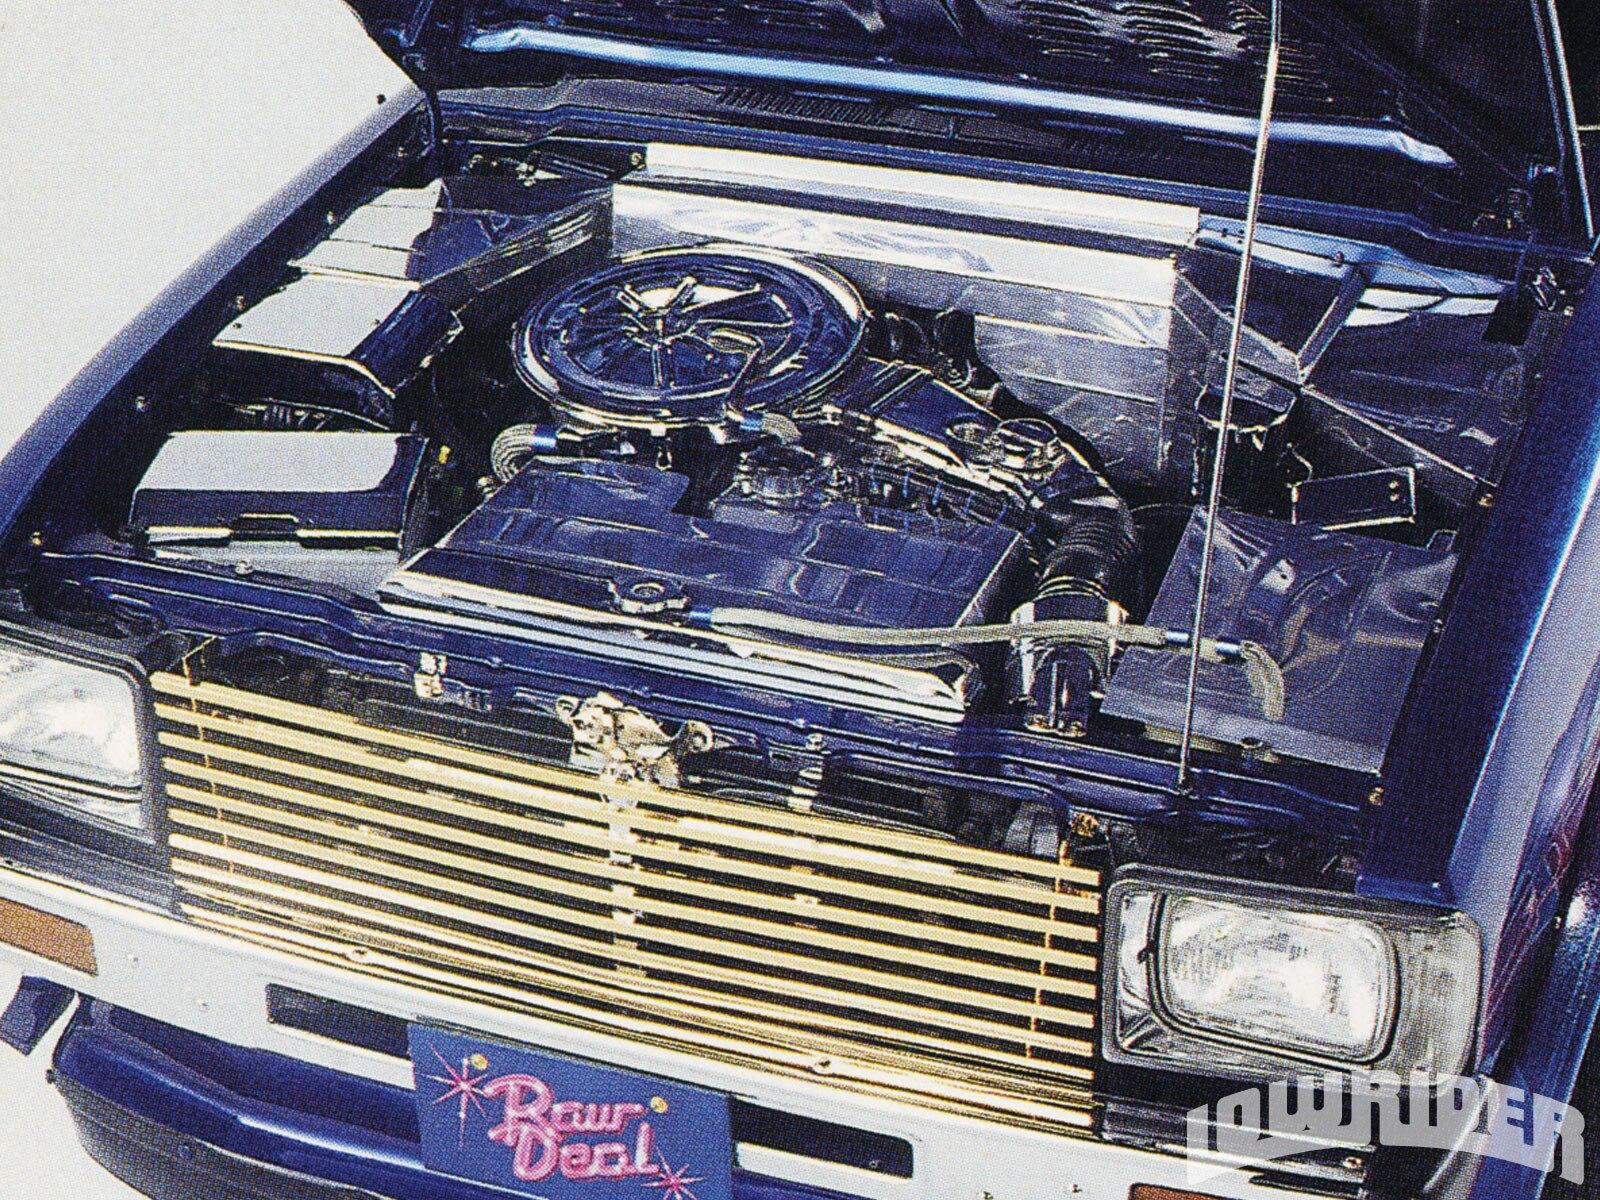 lrmp-1010-08-o-1989-toyota-sr5-truck-polished-engine-bay1